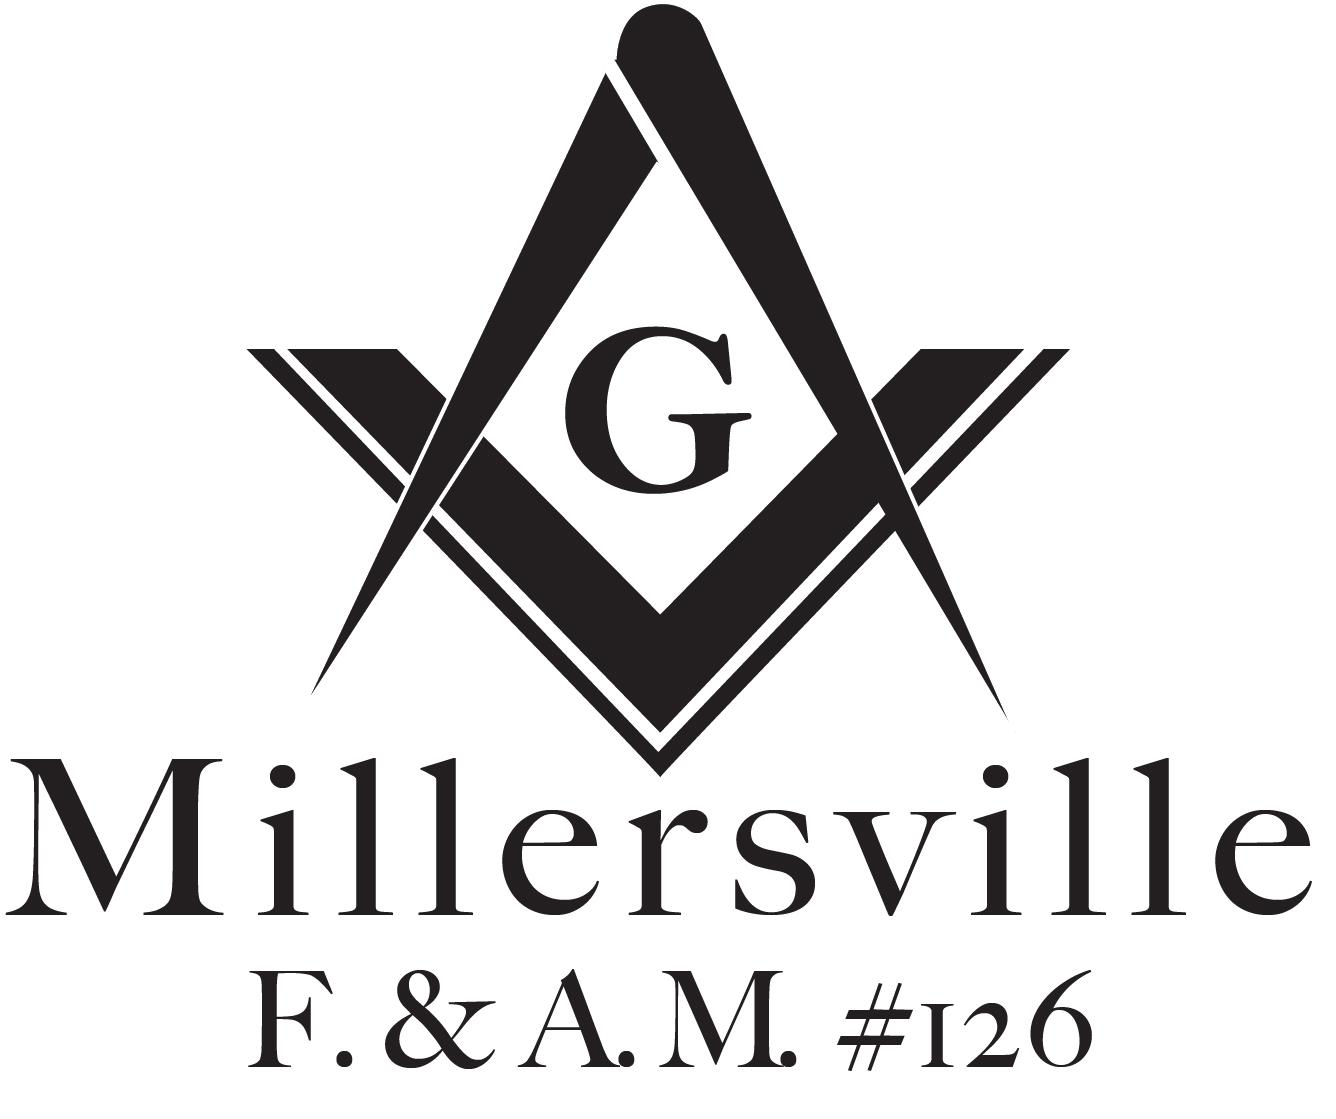 Millersville Lodge 126